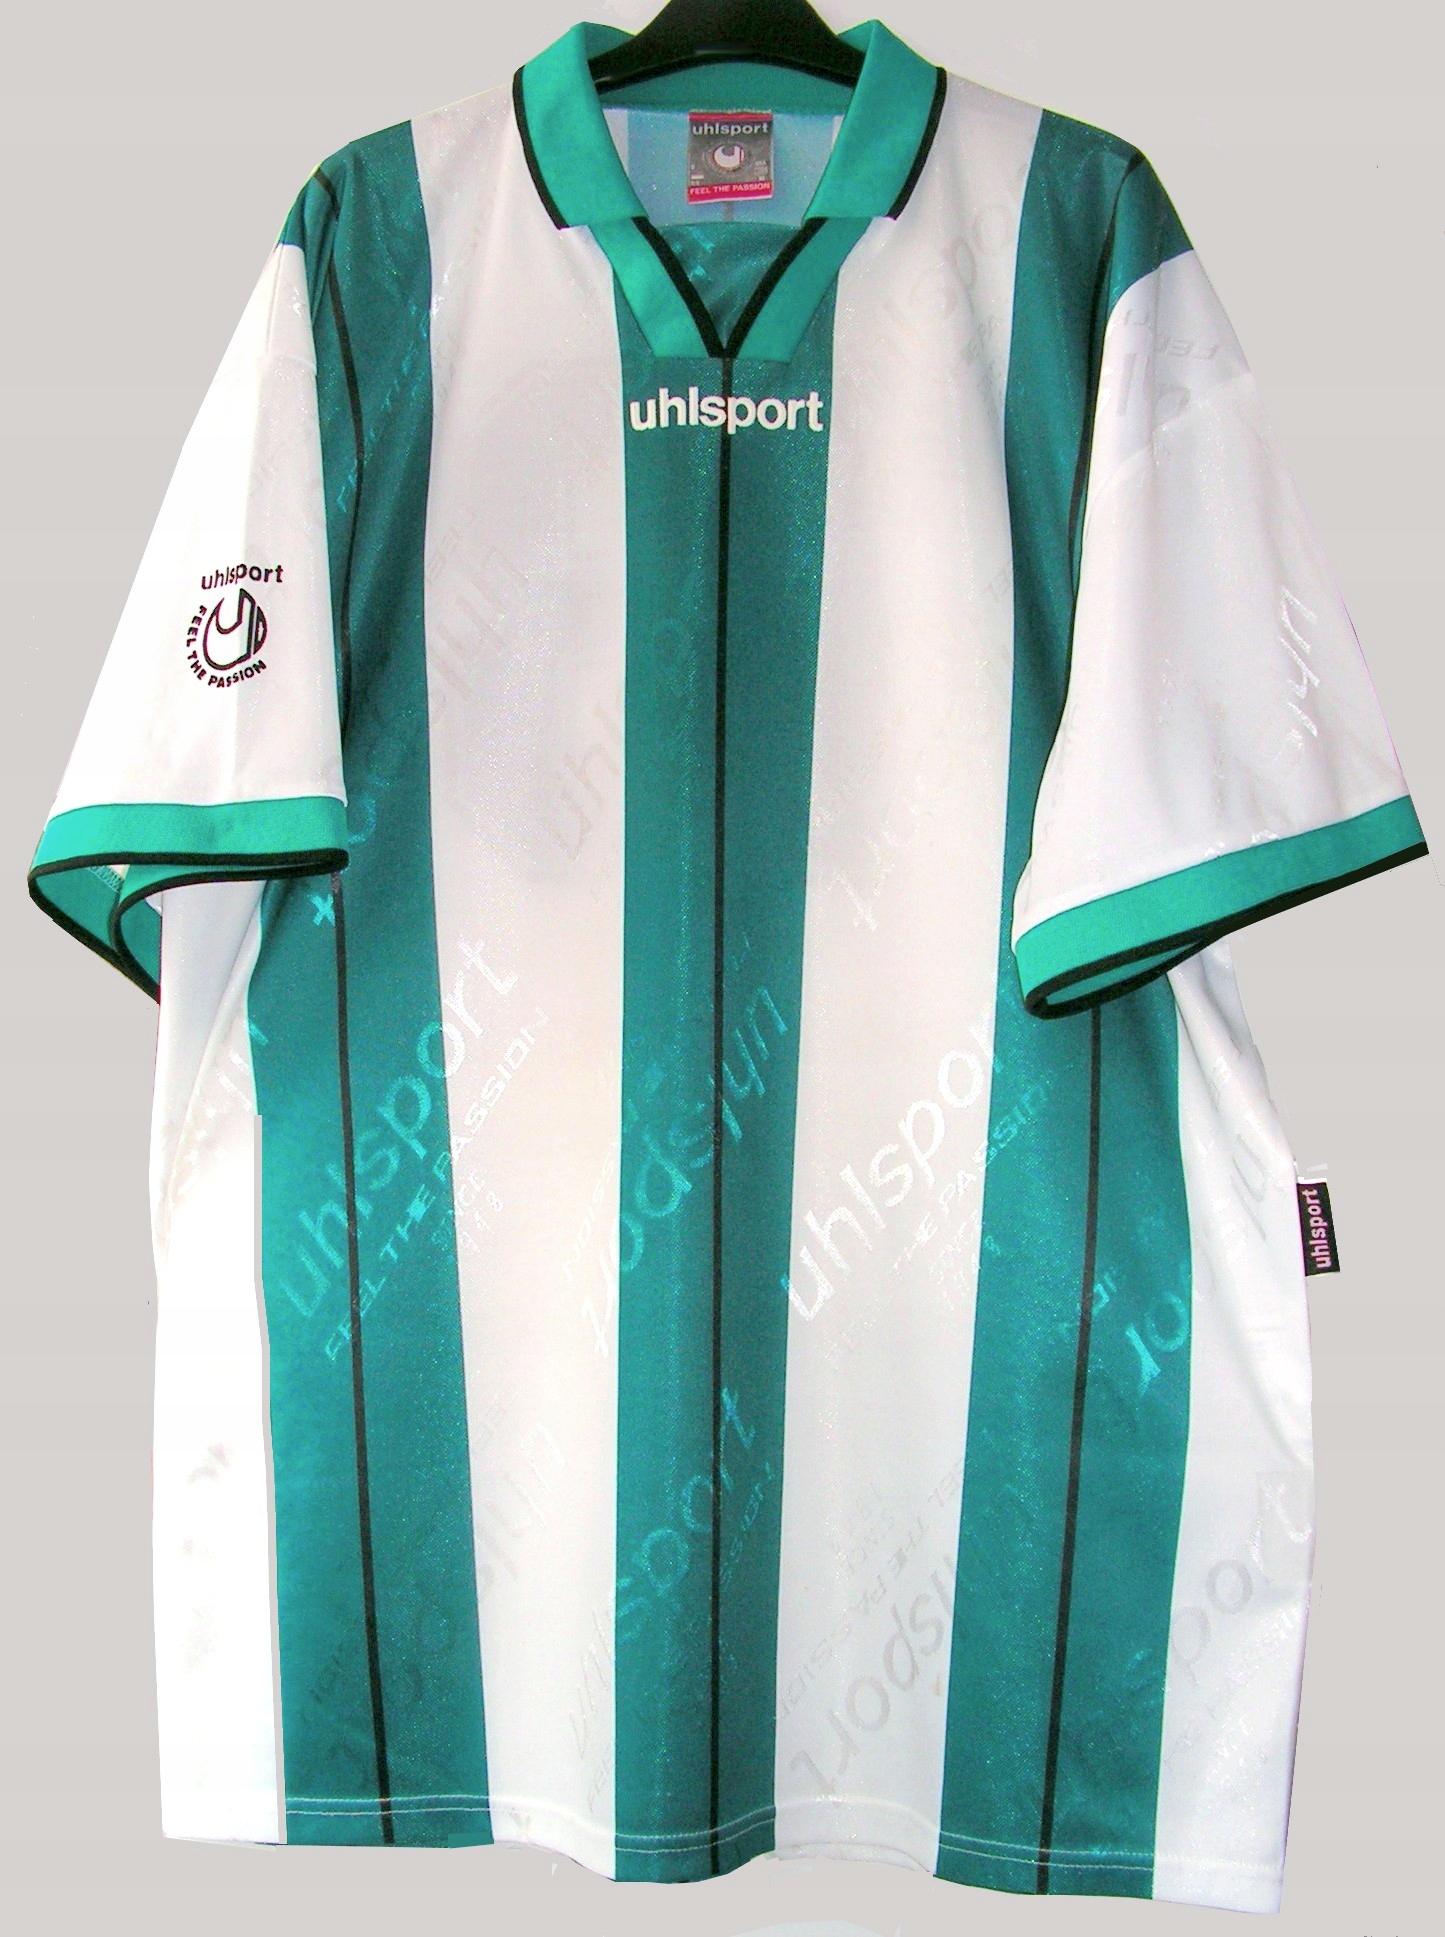 Uhlsport Koszulka sportowa r.186/192 E/XXL st.bdb